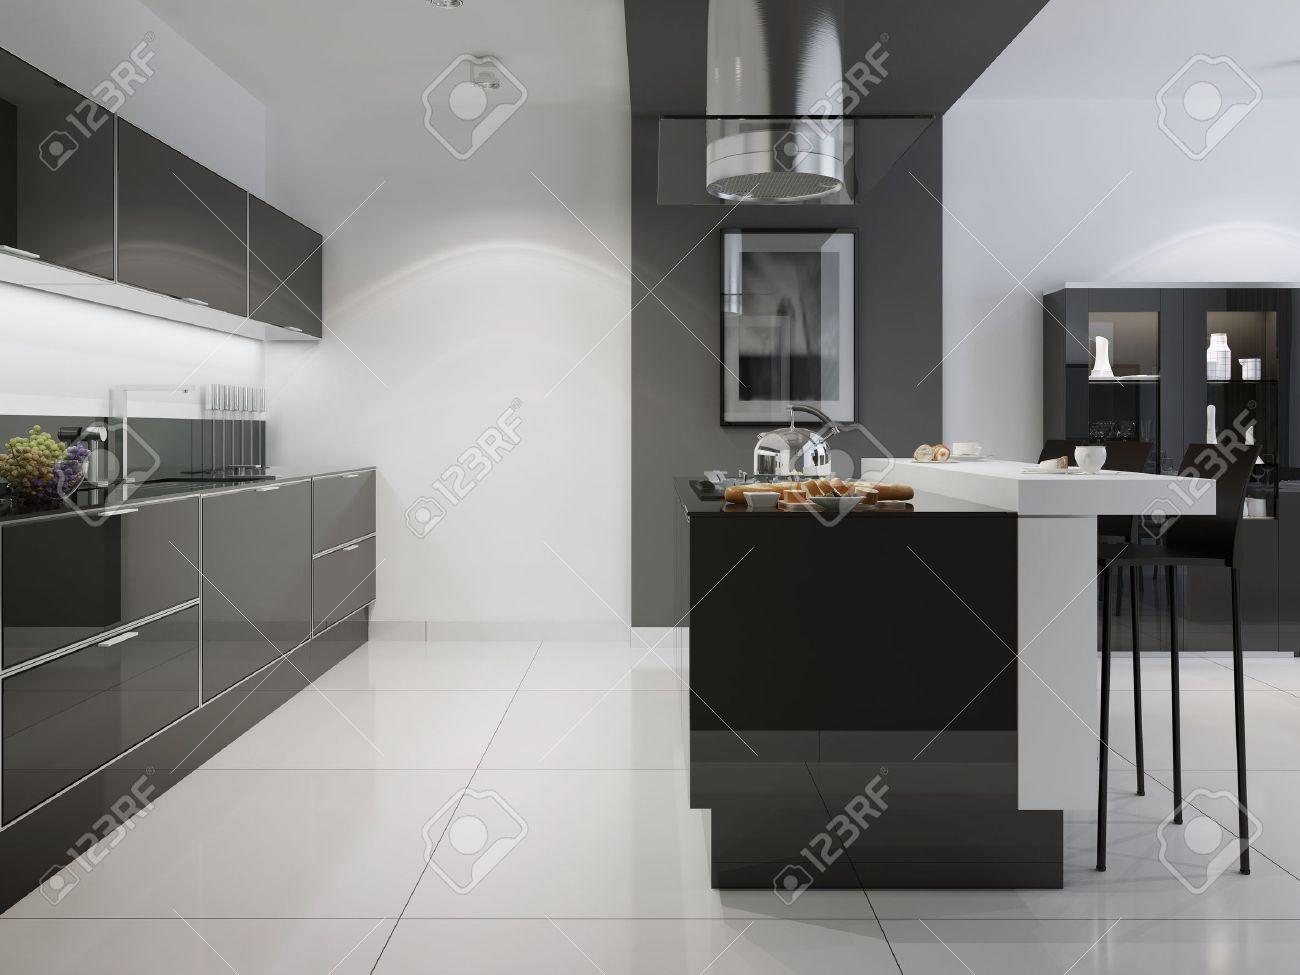 Cocina Luminosa Con Muebles Oscuros. Pared Blanca Con La Transición ...